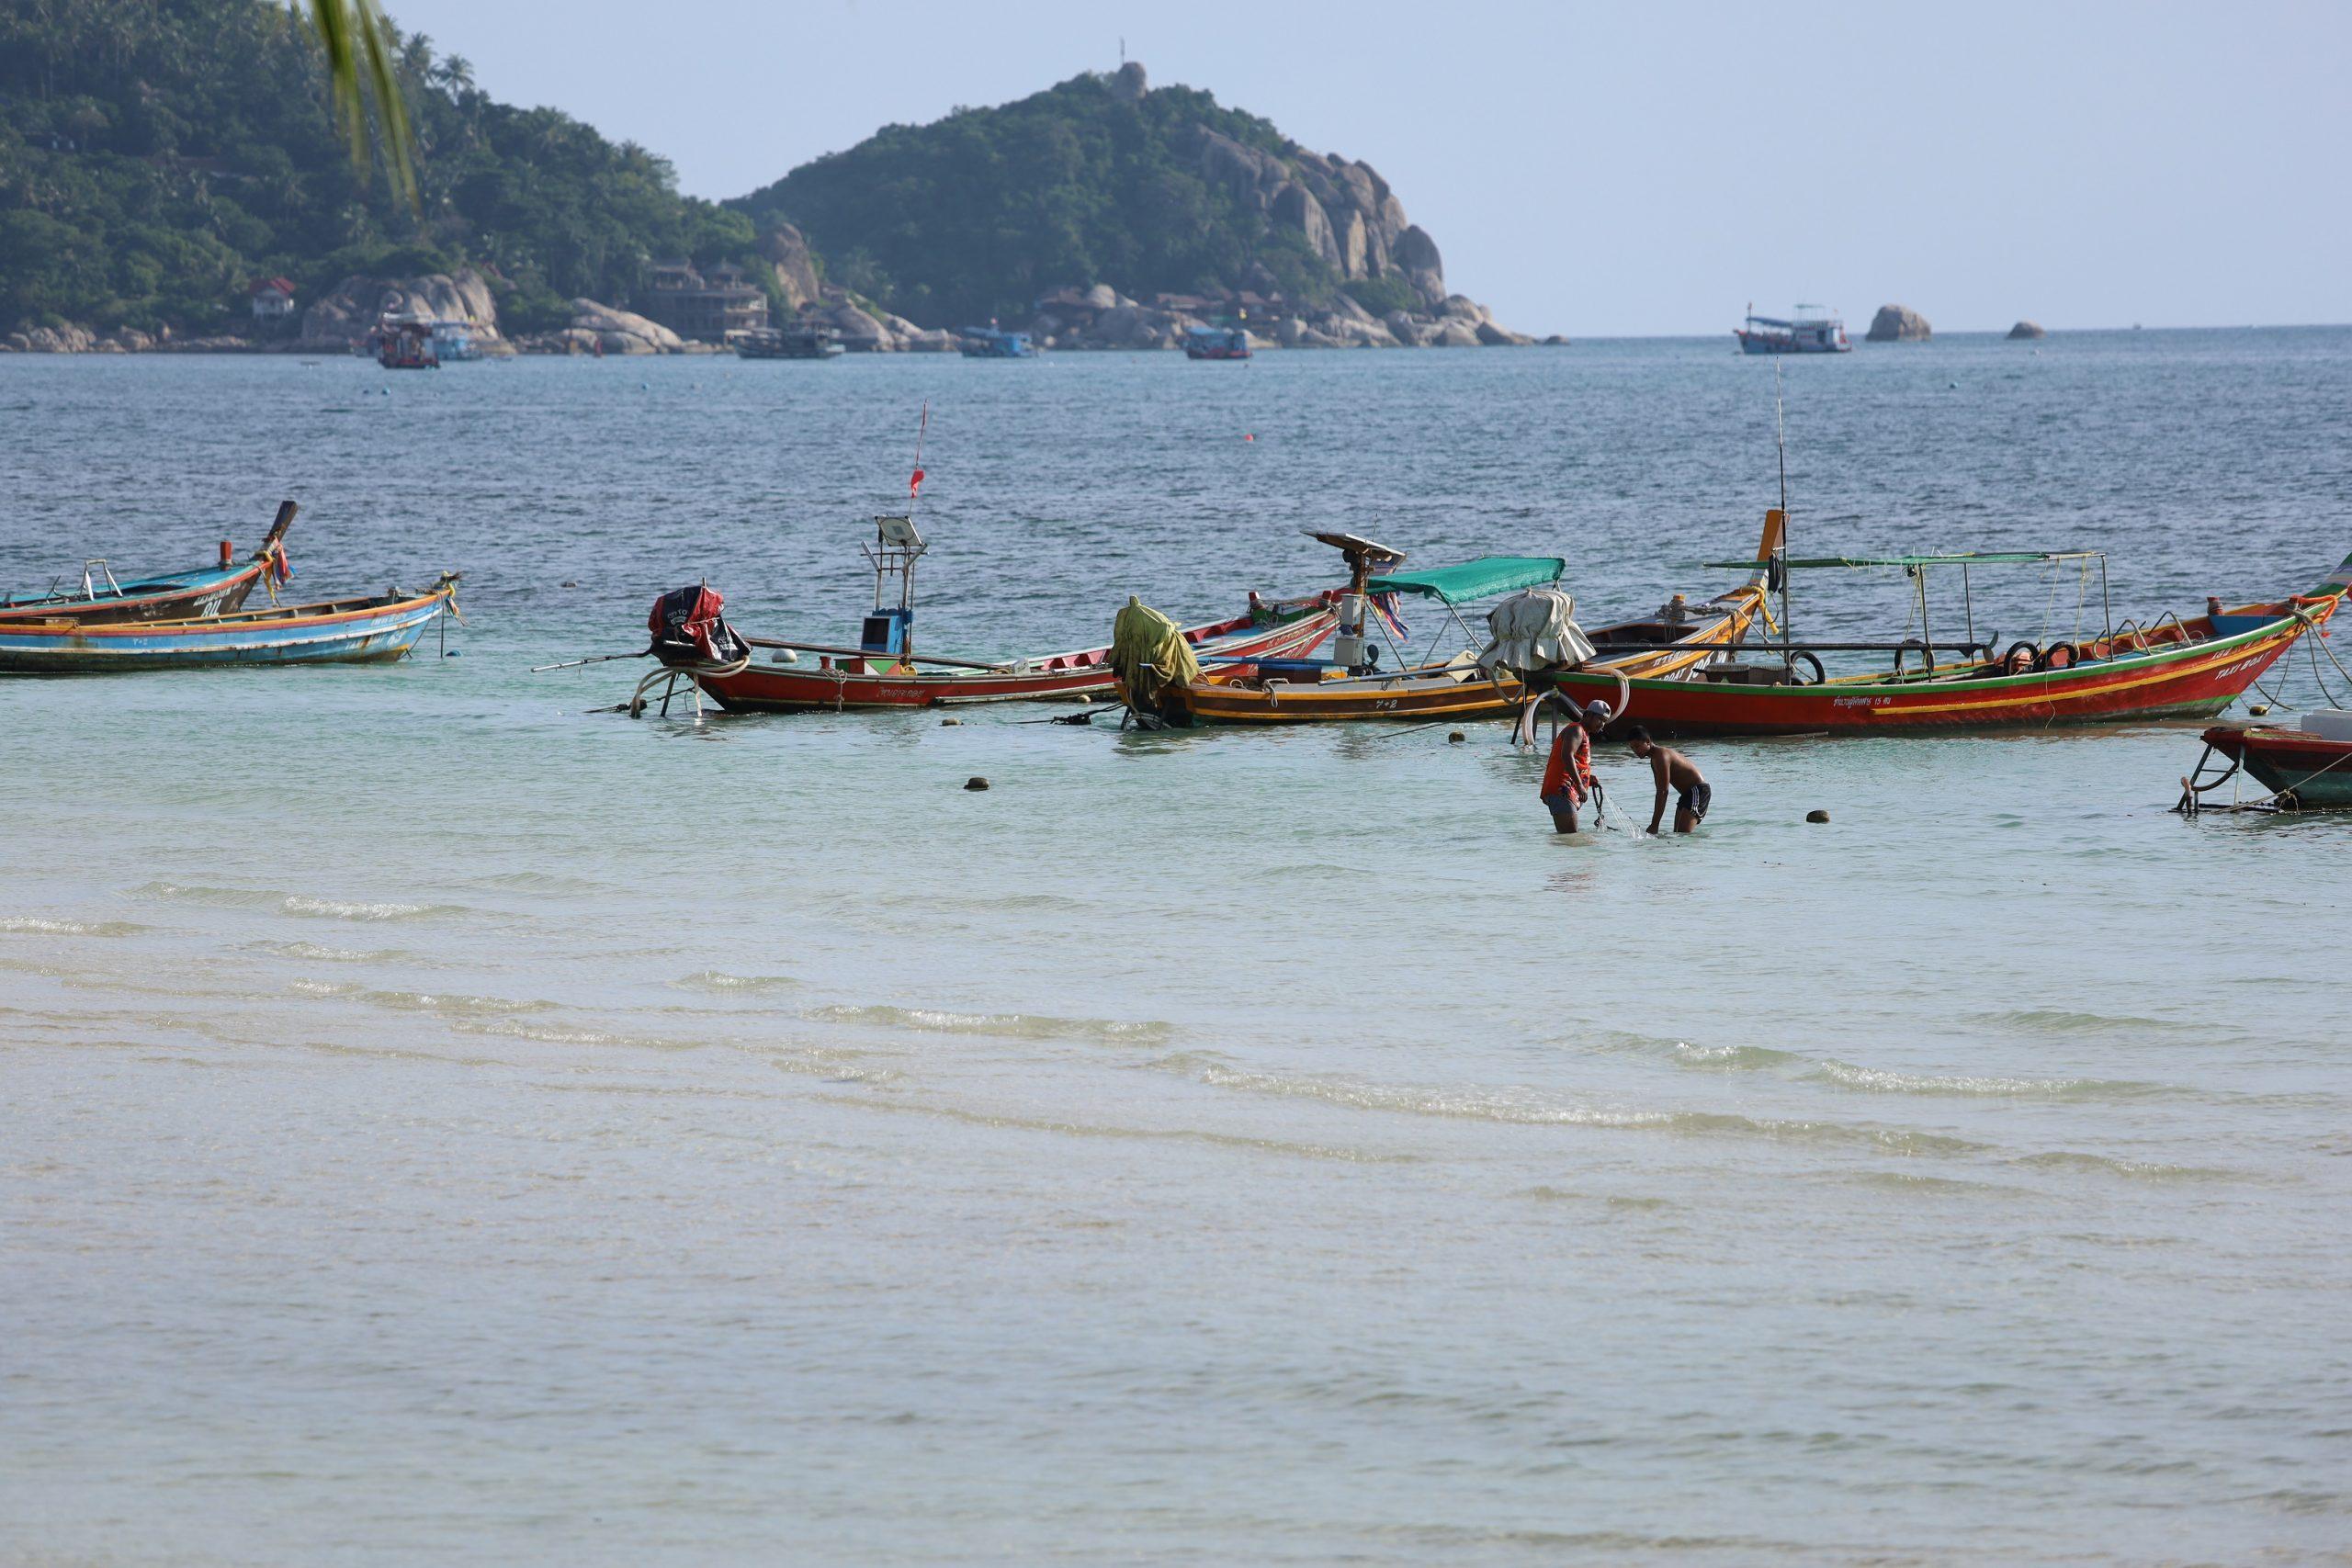 ชาวเรือเกาะเต่า